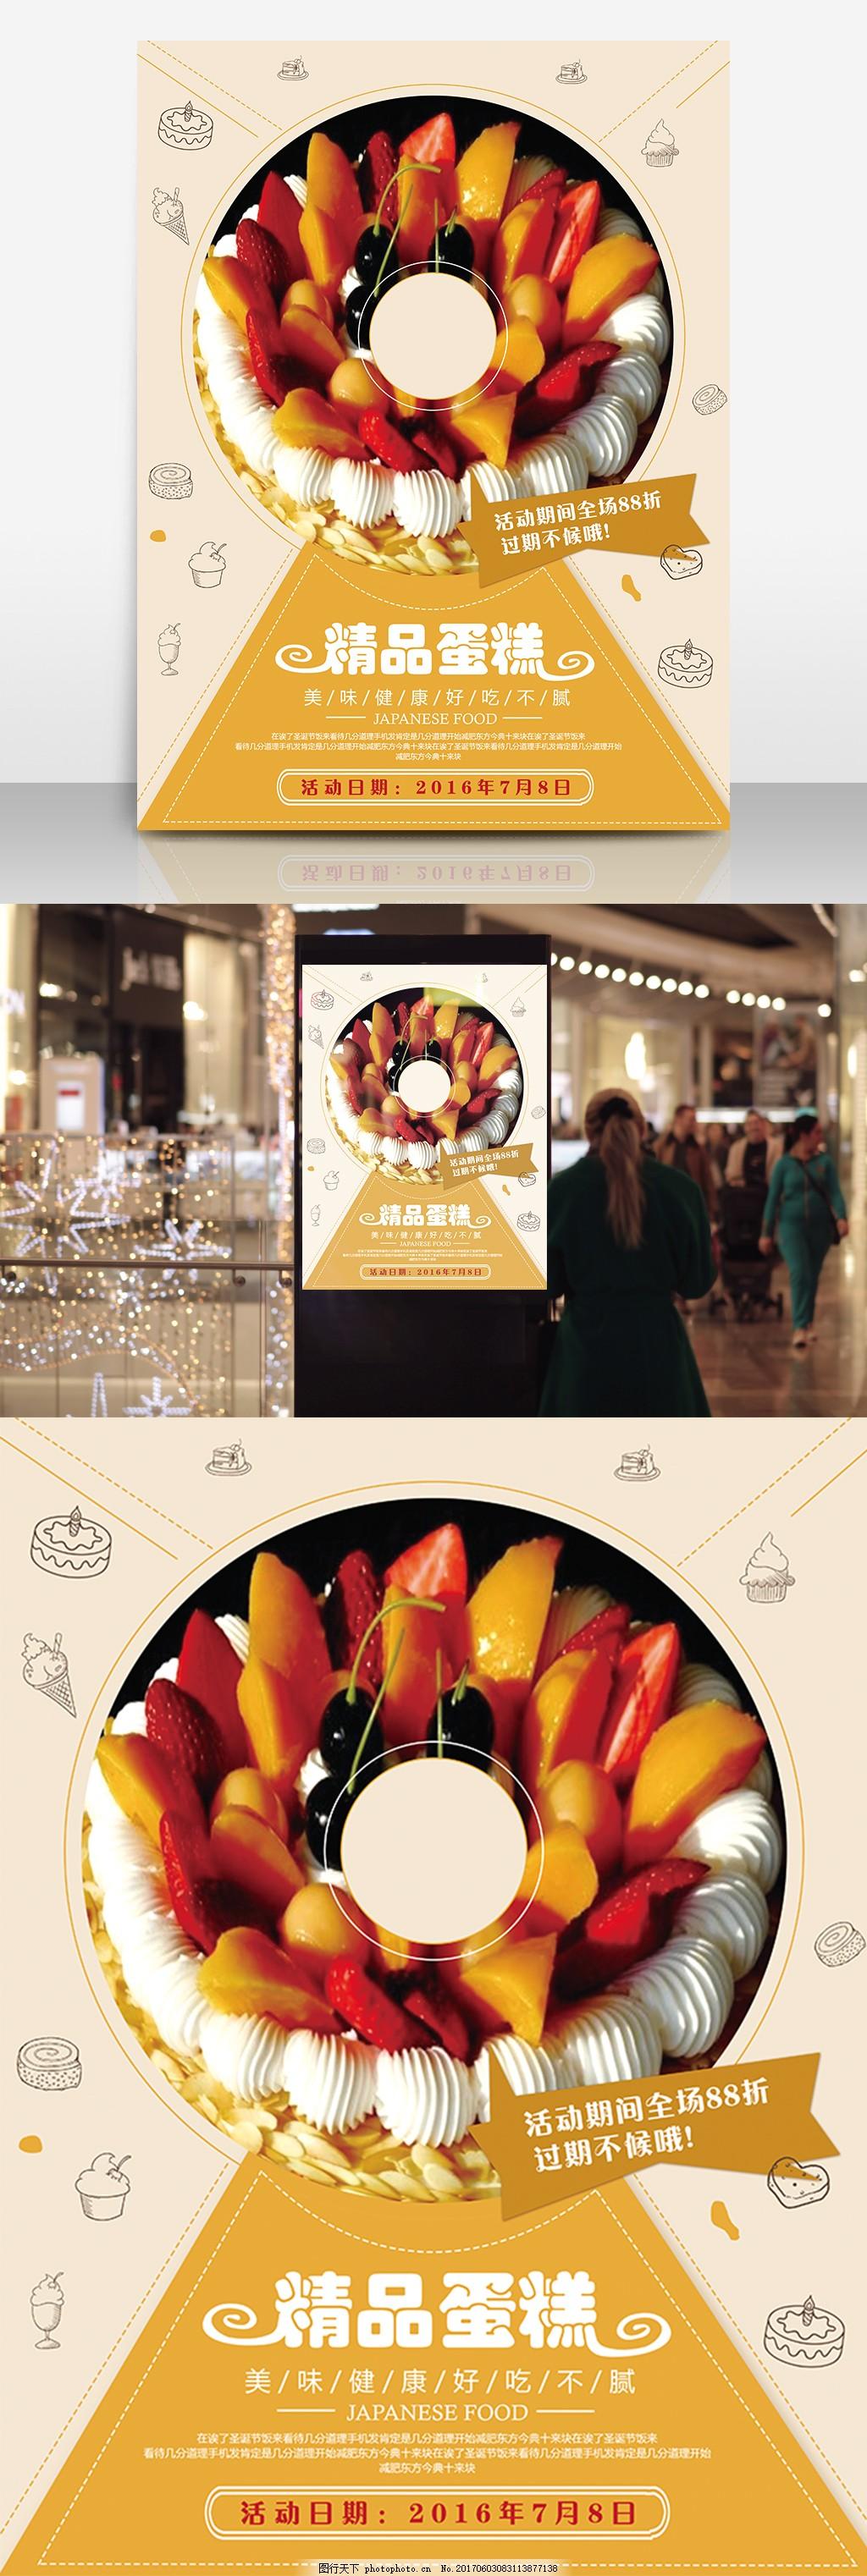 蛋糕海报 美味 营养 蛋糕 甜品 甜点 活动 精品 水果蛋糕 简约设计